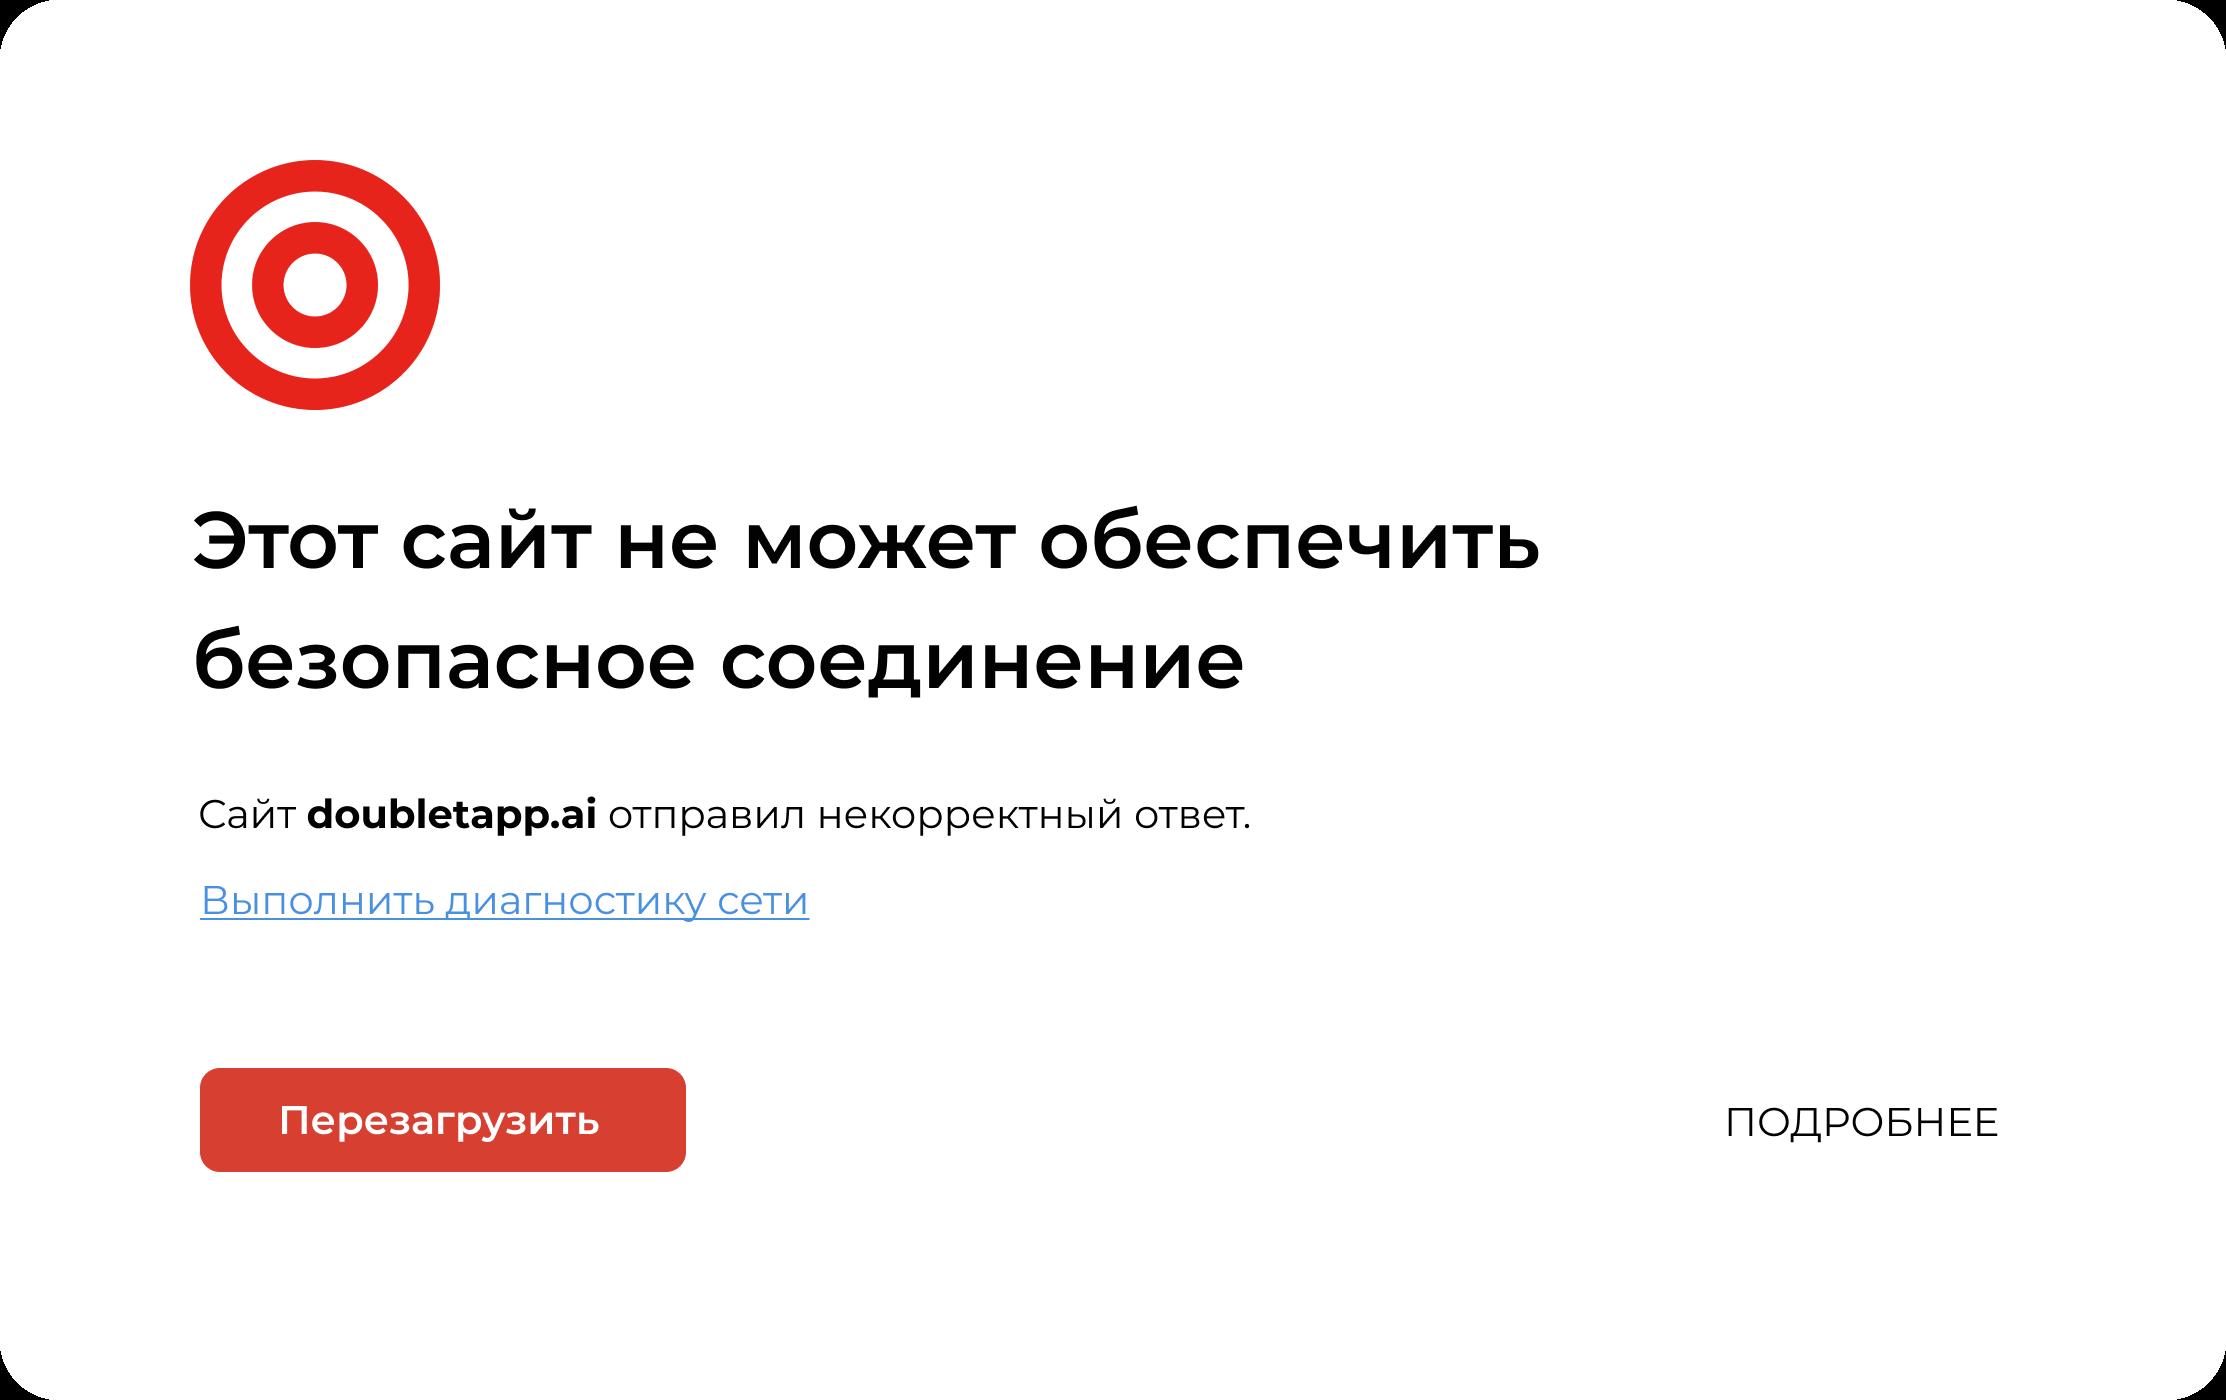 Поисковые машины и браузеры блокируют сайты без SSL сертификатов